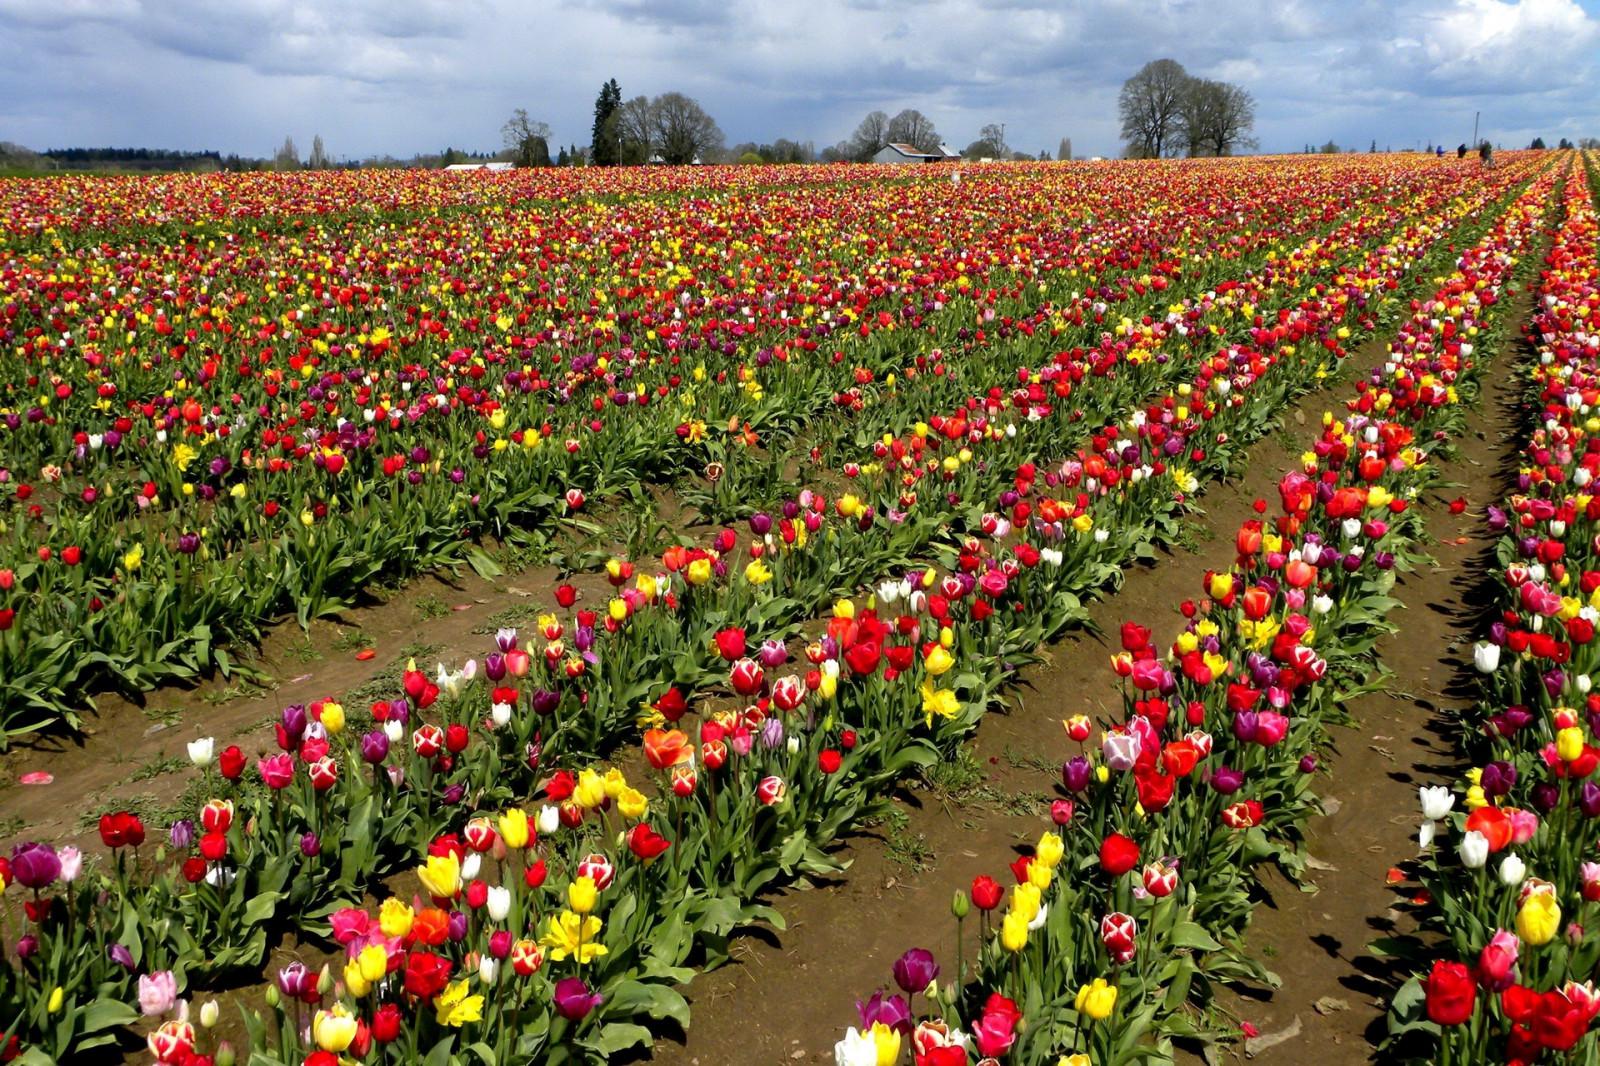 сахар разбить картинки красивый цветущих на полях тюльпанов скандальная личная жизнь